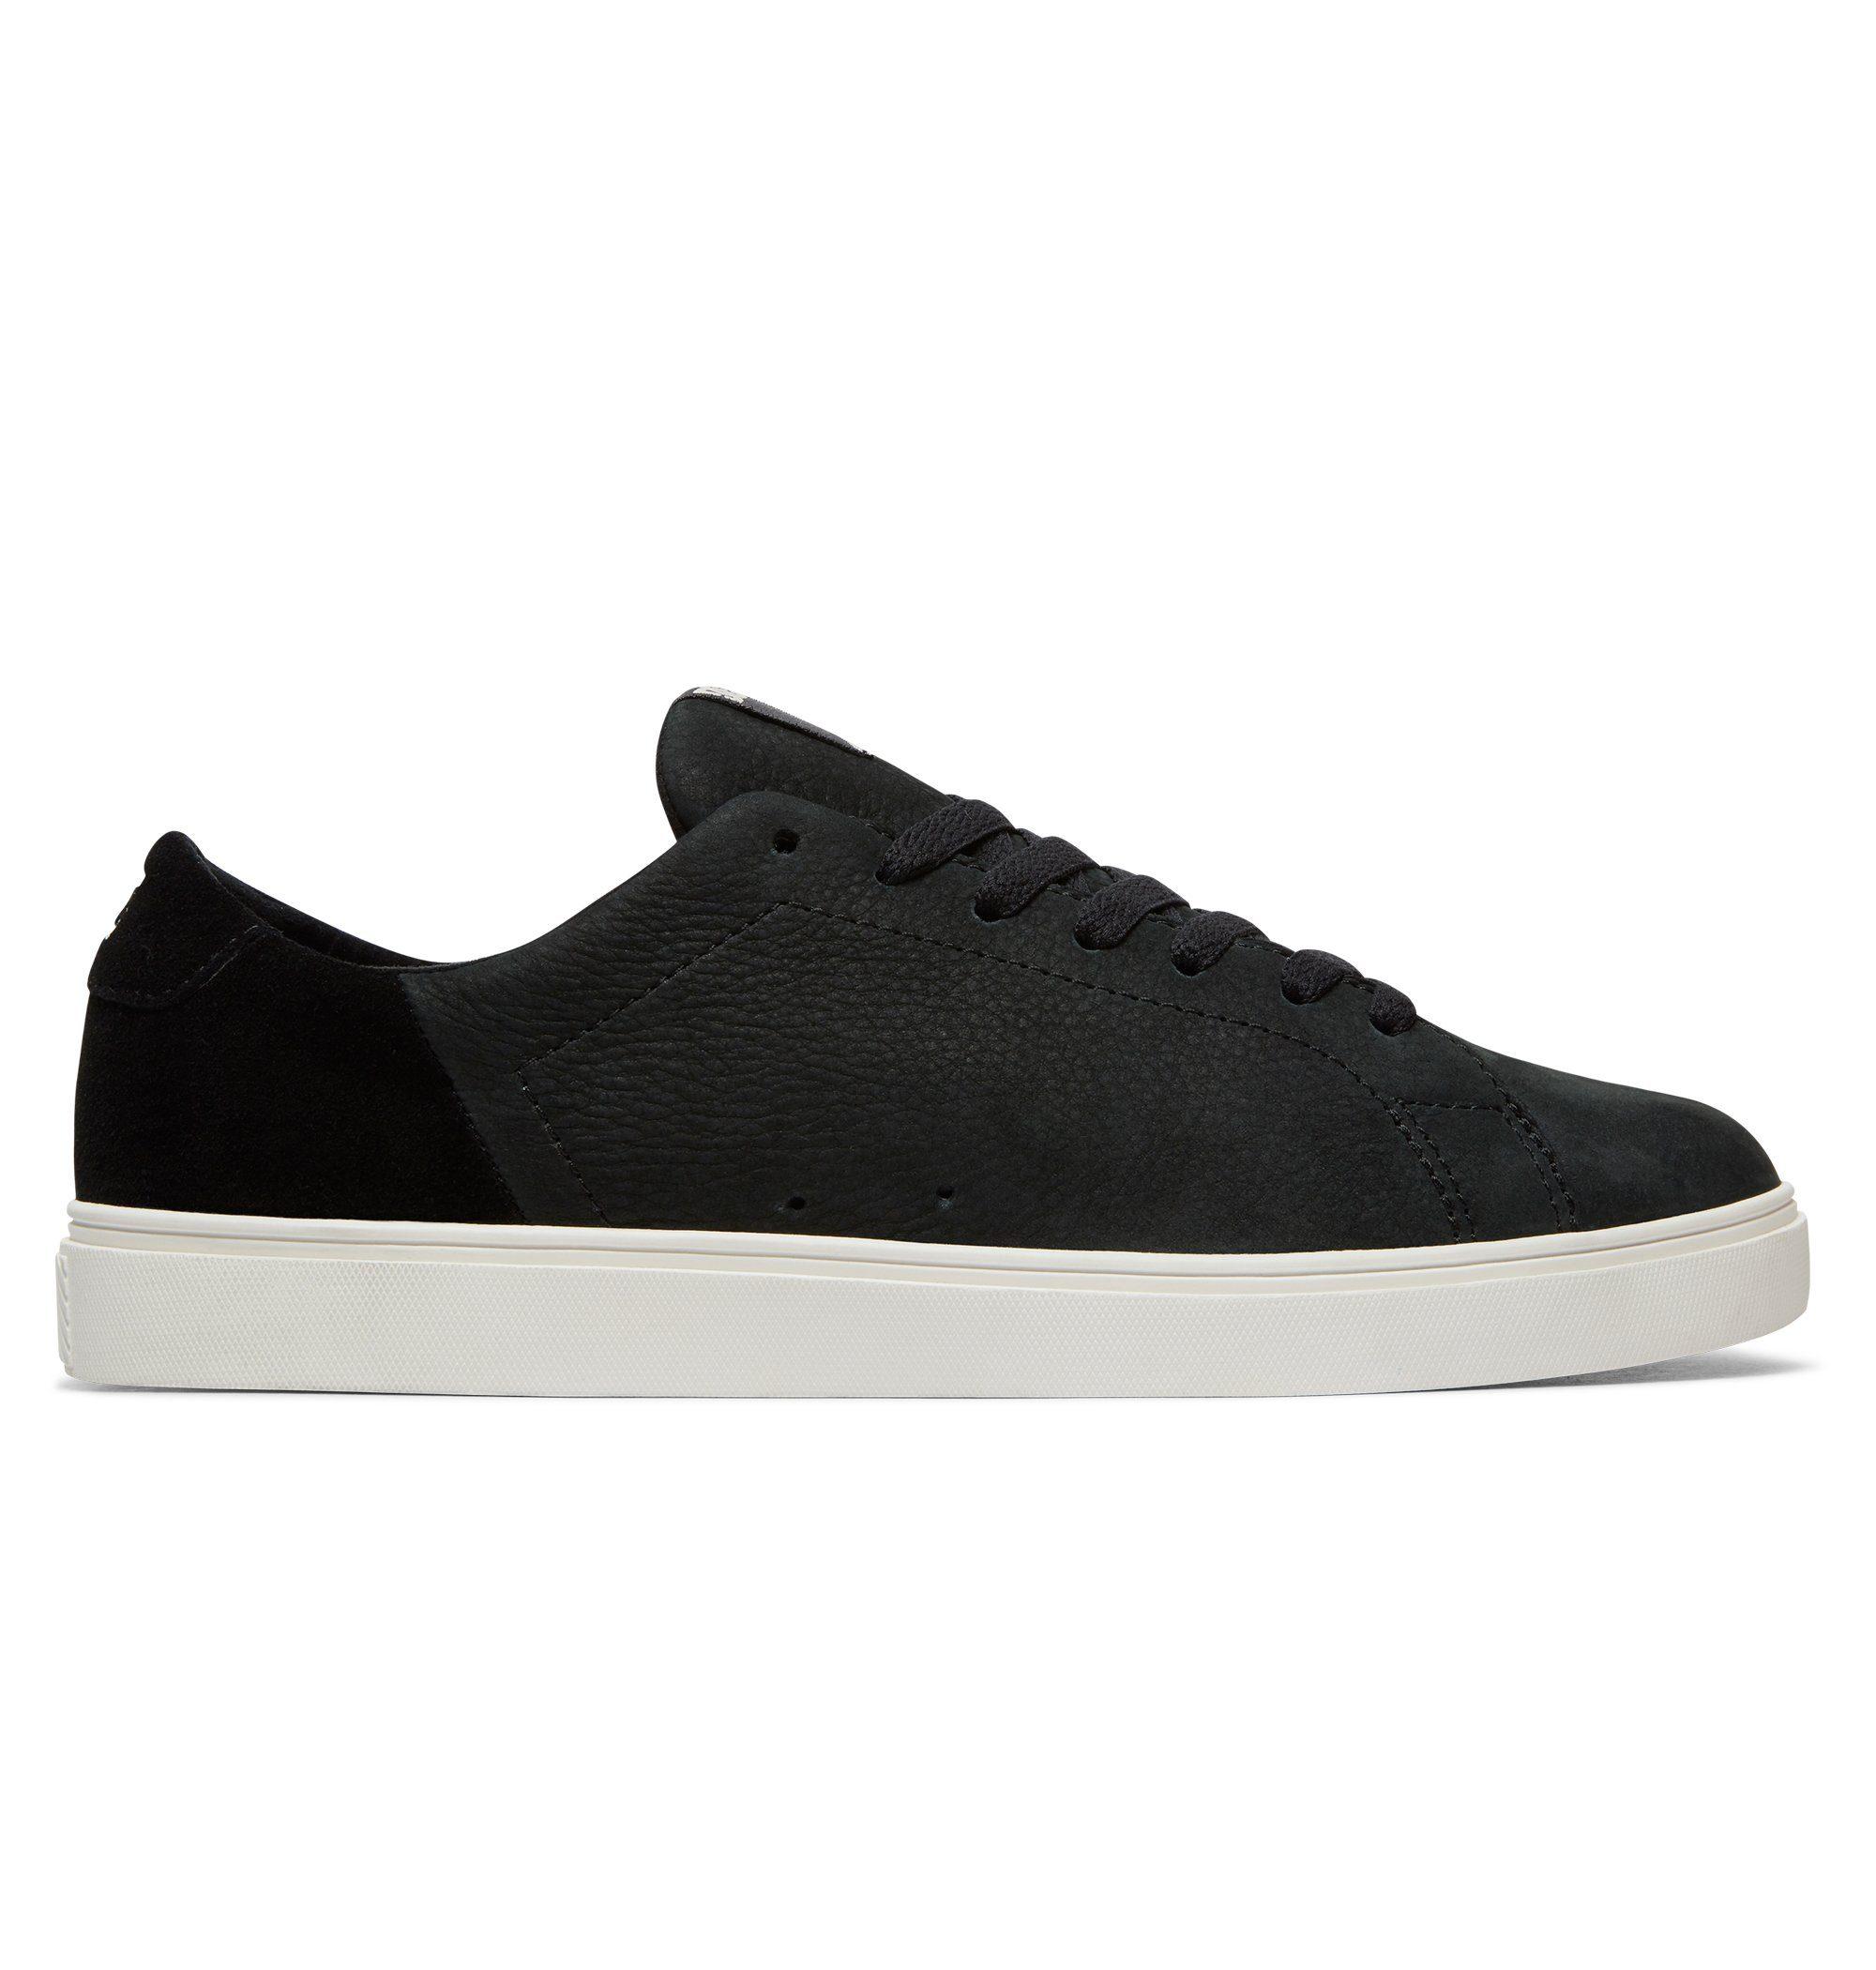 DC Shoes Schuhe Reprieve SE online kaufen  Black#ft5_slash#grey